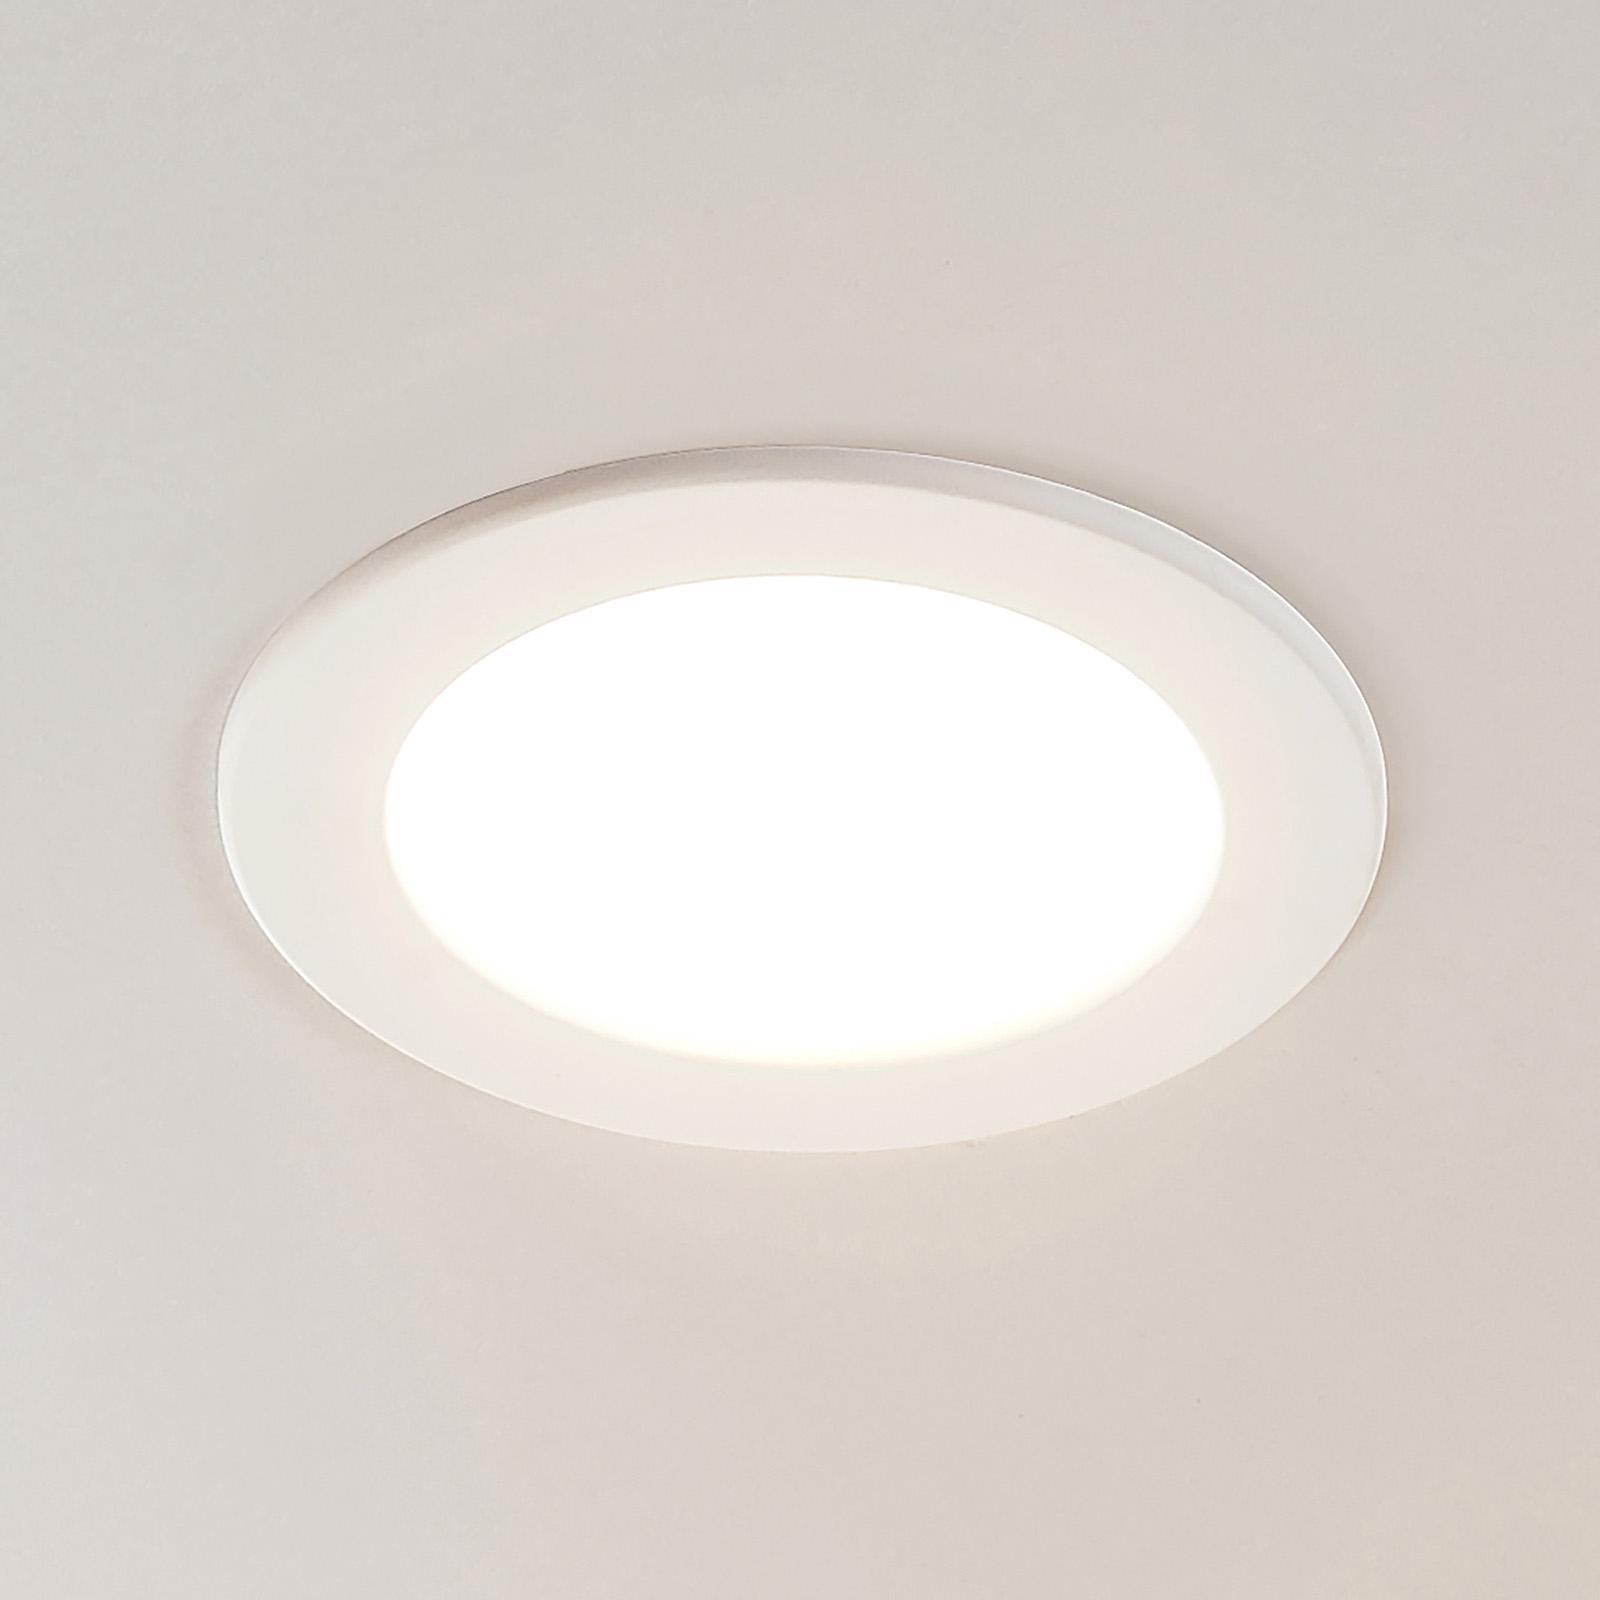 LED-innfelt spot Joki, hvit, 3000K rund 17cm